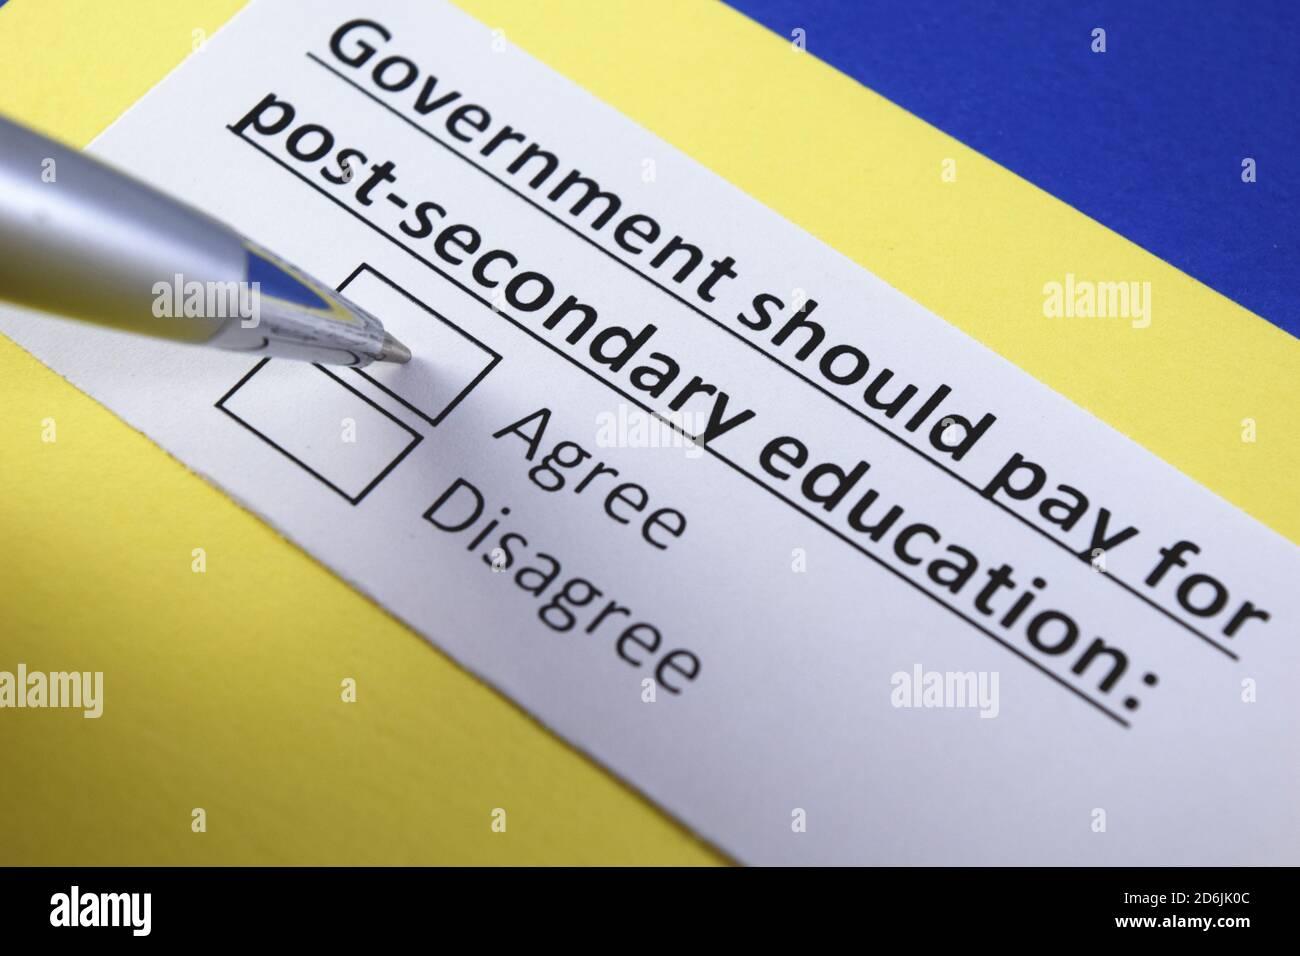 El gobierno debe pagar por la educación post-secundaria: ¿de acuerdo o en desacuerdo? Foto de stock